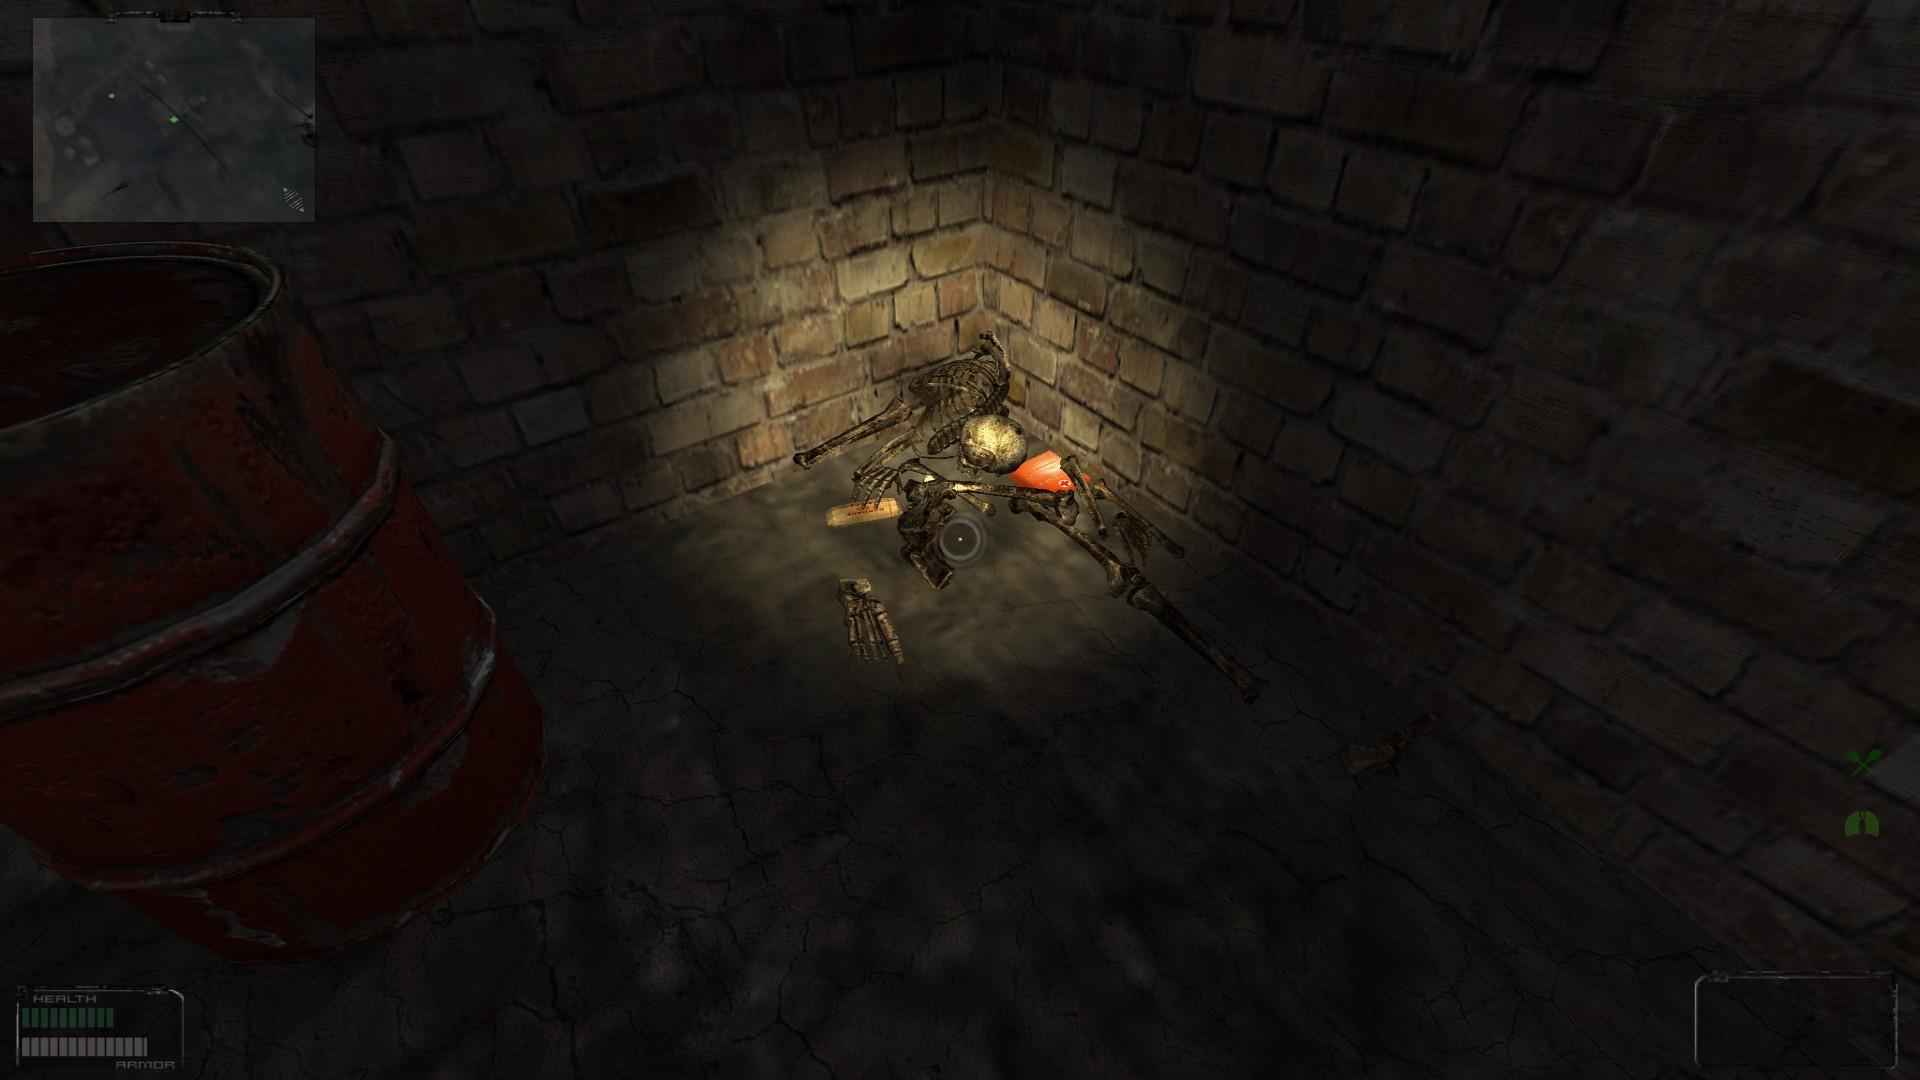 Oblivion Lost Remake 2.5 image 38